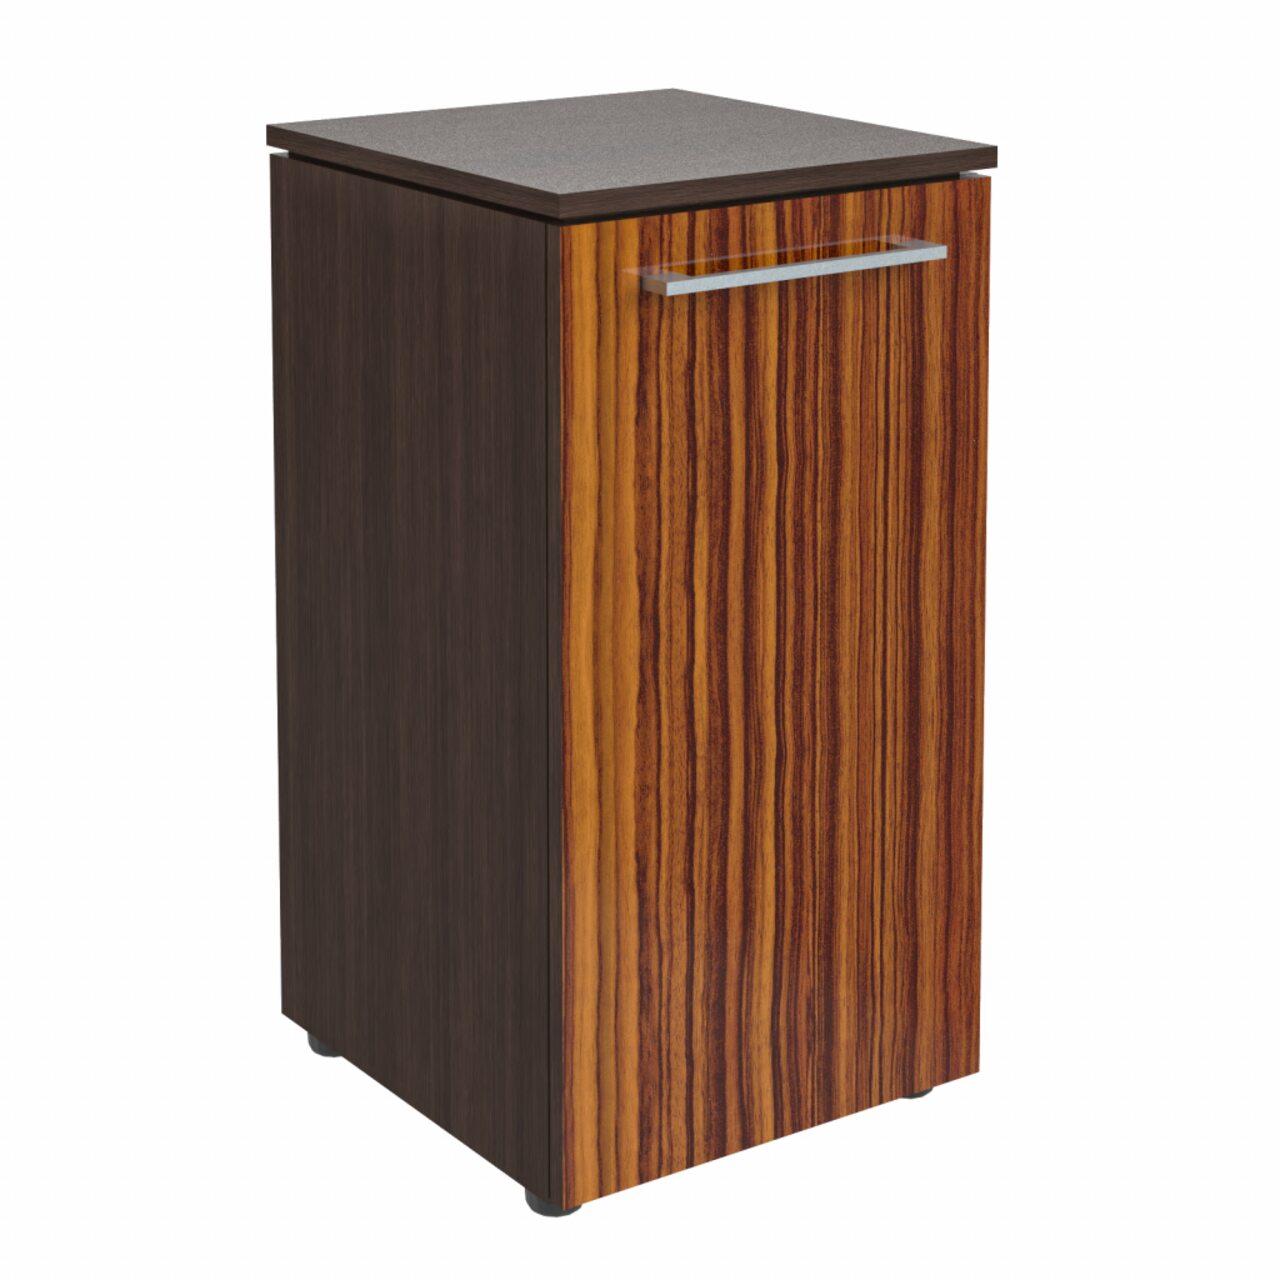 Шкаф колонка с глухой малой дверью  MORRIS 43x43x83 - фото 1